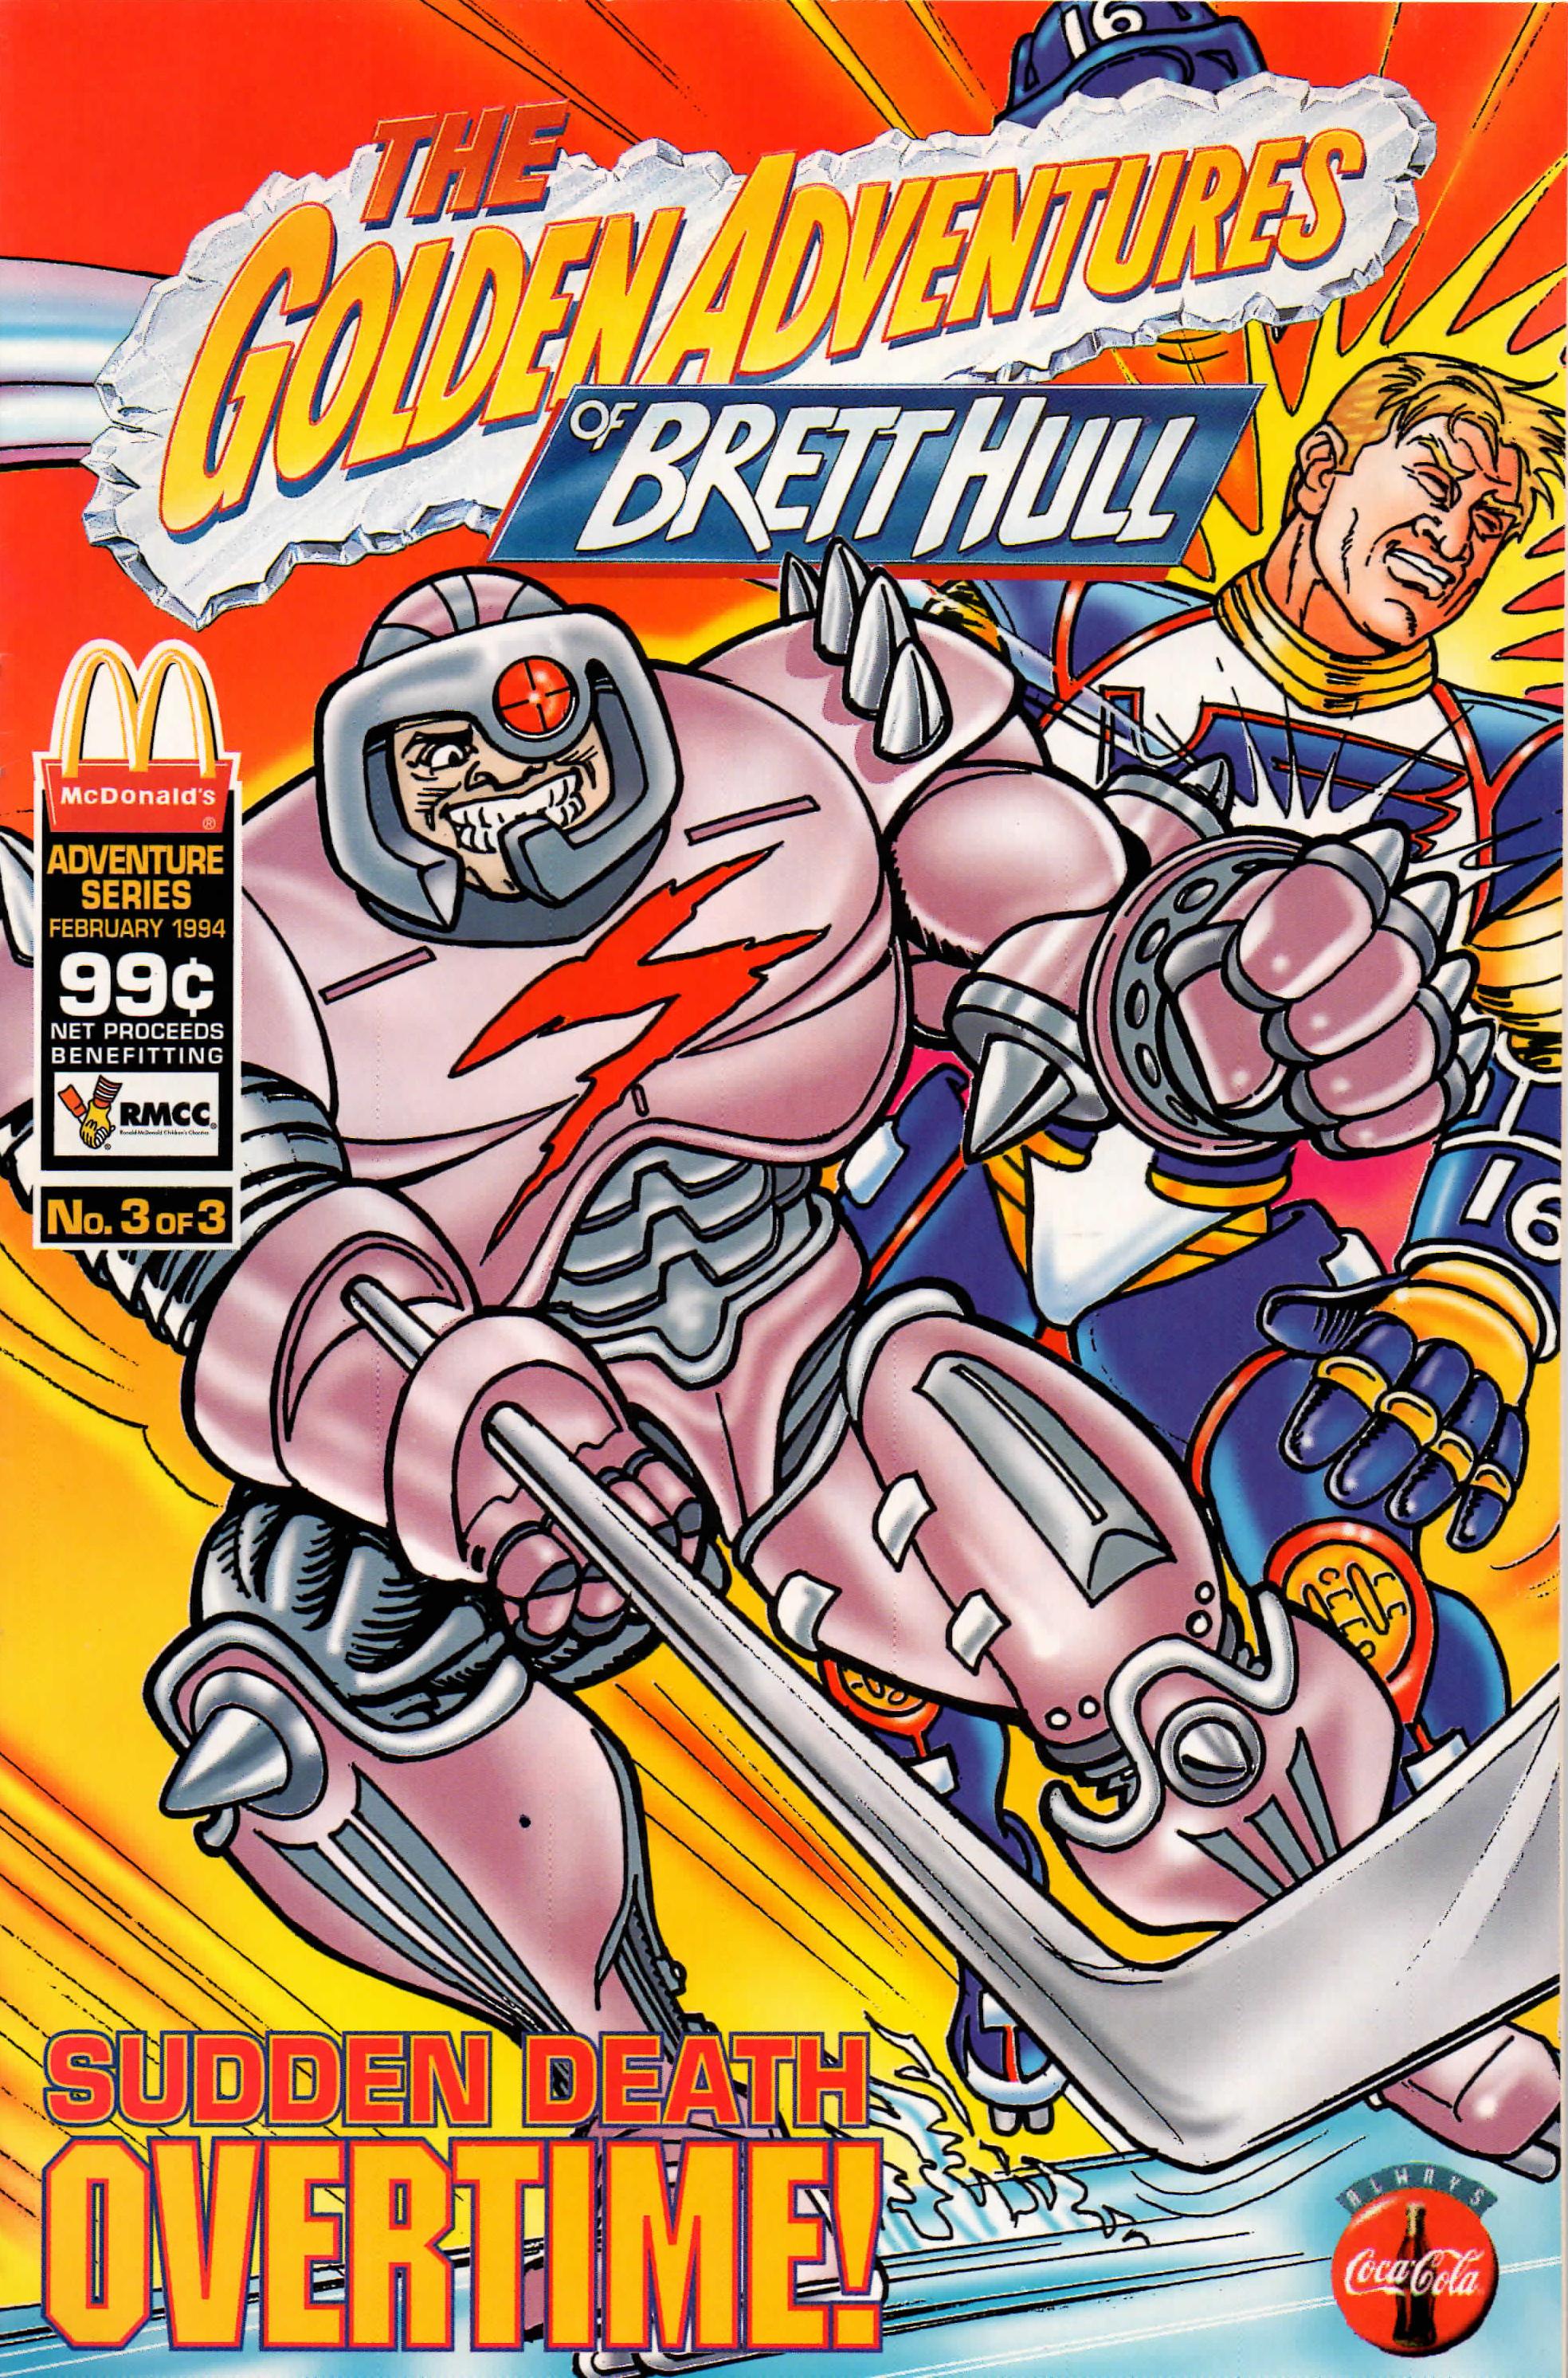 bretthull-3-cover